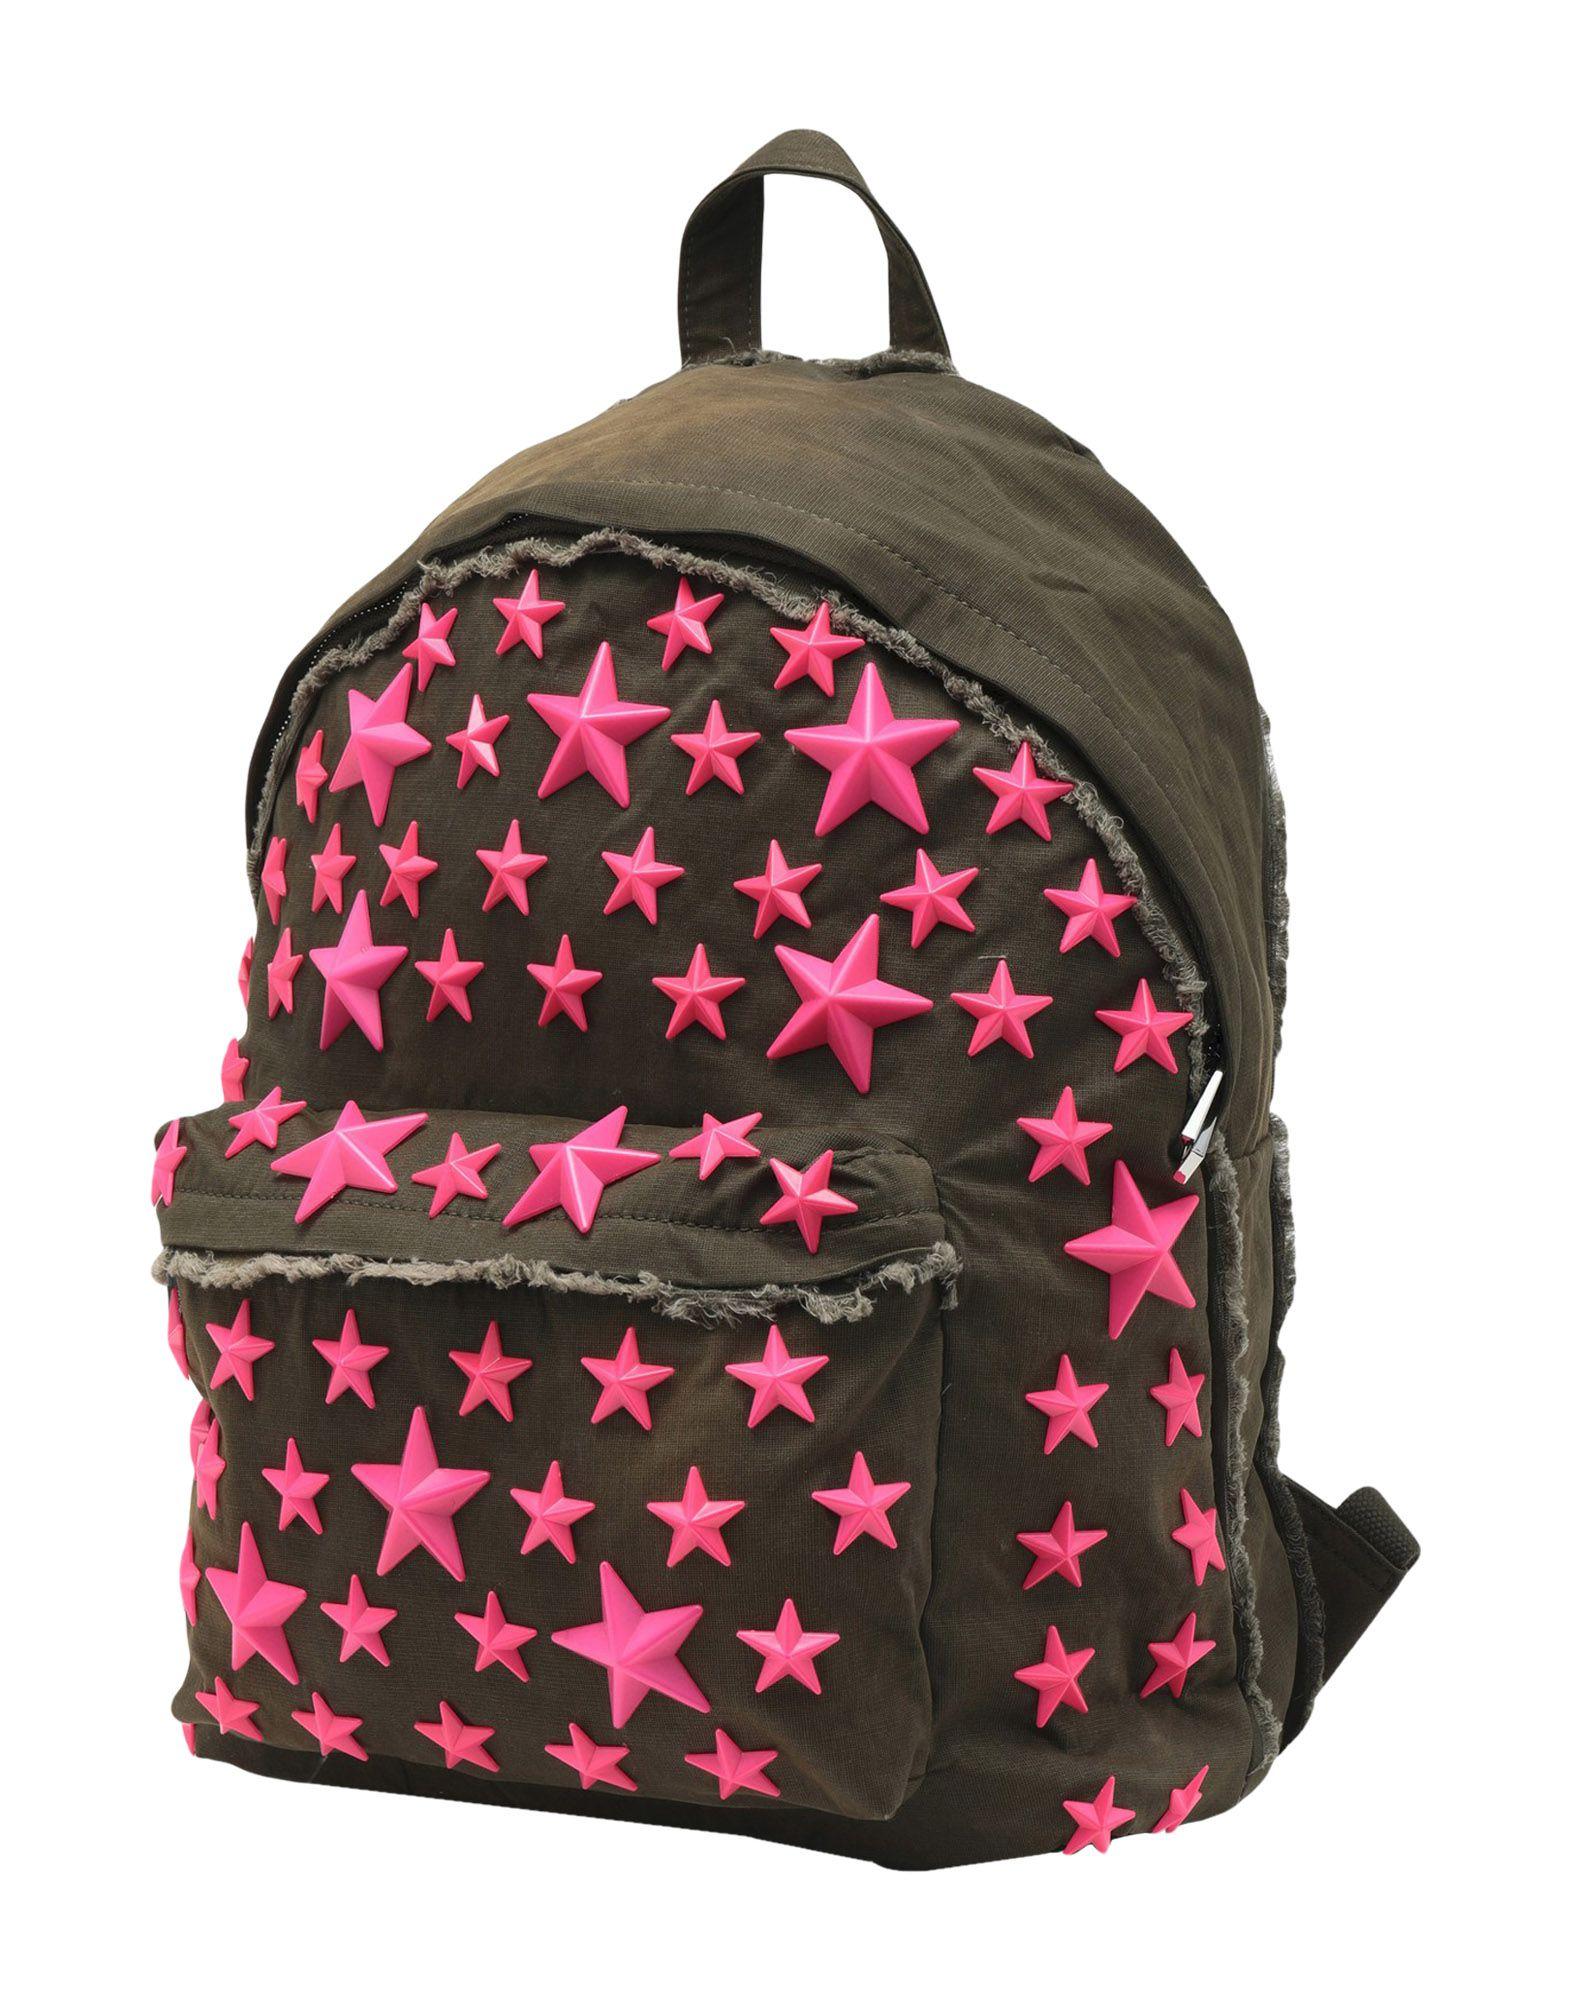 Фото - MIA BAG Рюкзаки и сумки на пояс sy16 black professional waterproof outdoor bag backpack dslr slr camera bag case for nikon canon sony pentax fuji